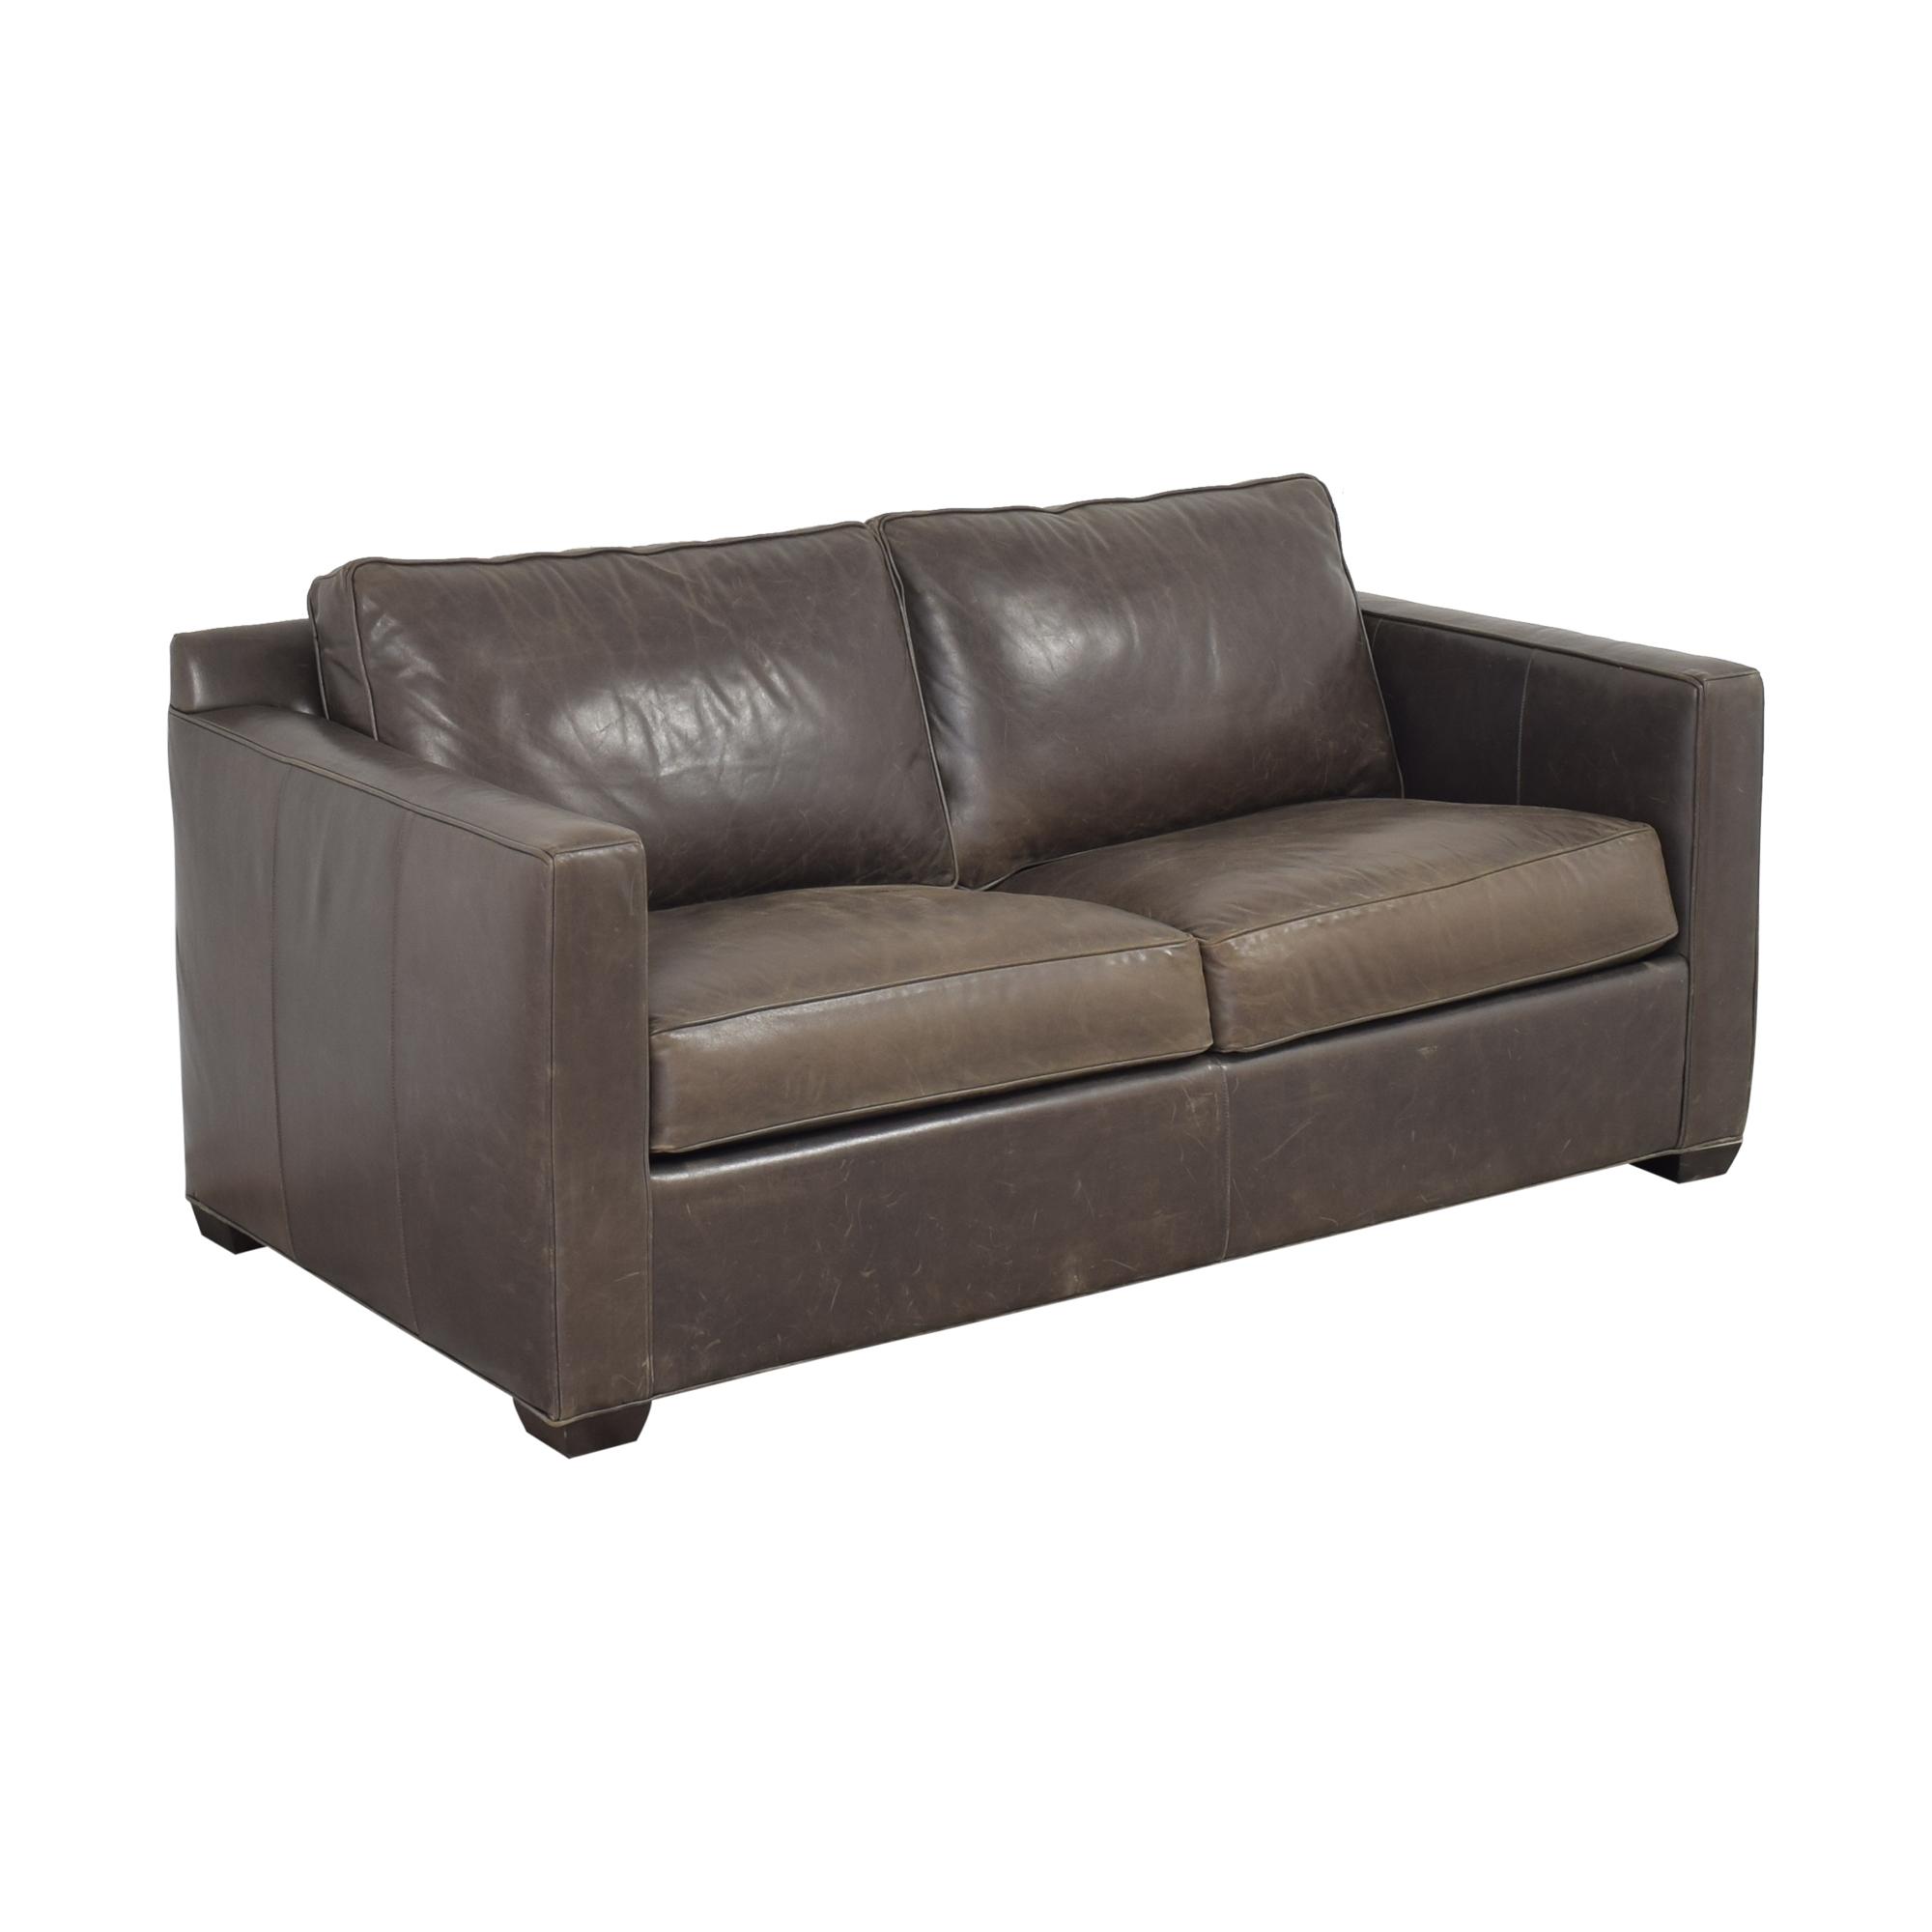 Crate & Barrel Crate & Barrel Barrett Queen Sleeper Sofa Sofa Beds